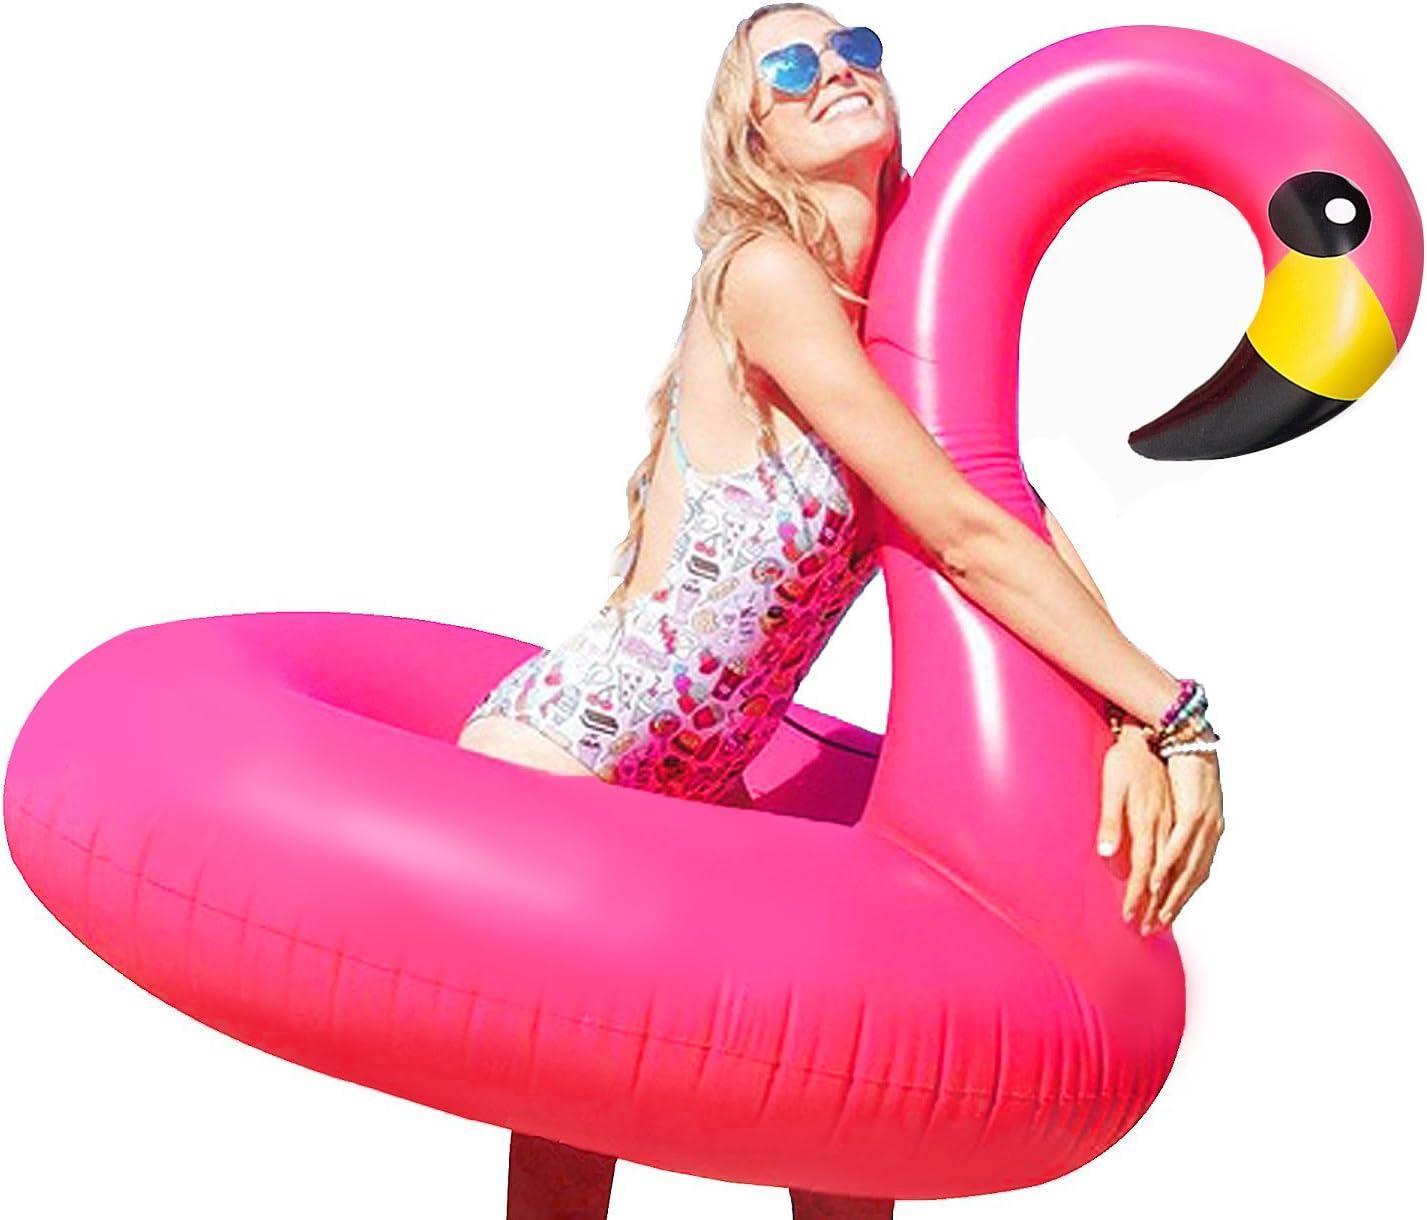 Flotador Flamenco Hinchable Grande, 116x96cm - Colchoneta Inflable Flamingo Juguetes para Piscina Playa Agua Verano Fiesta para Niños y Adultos